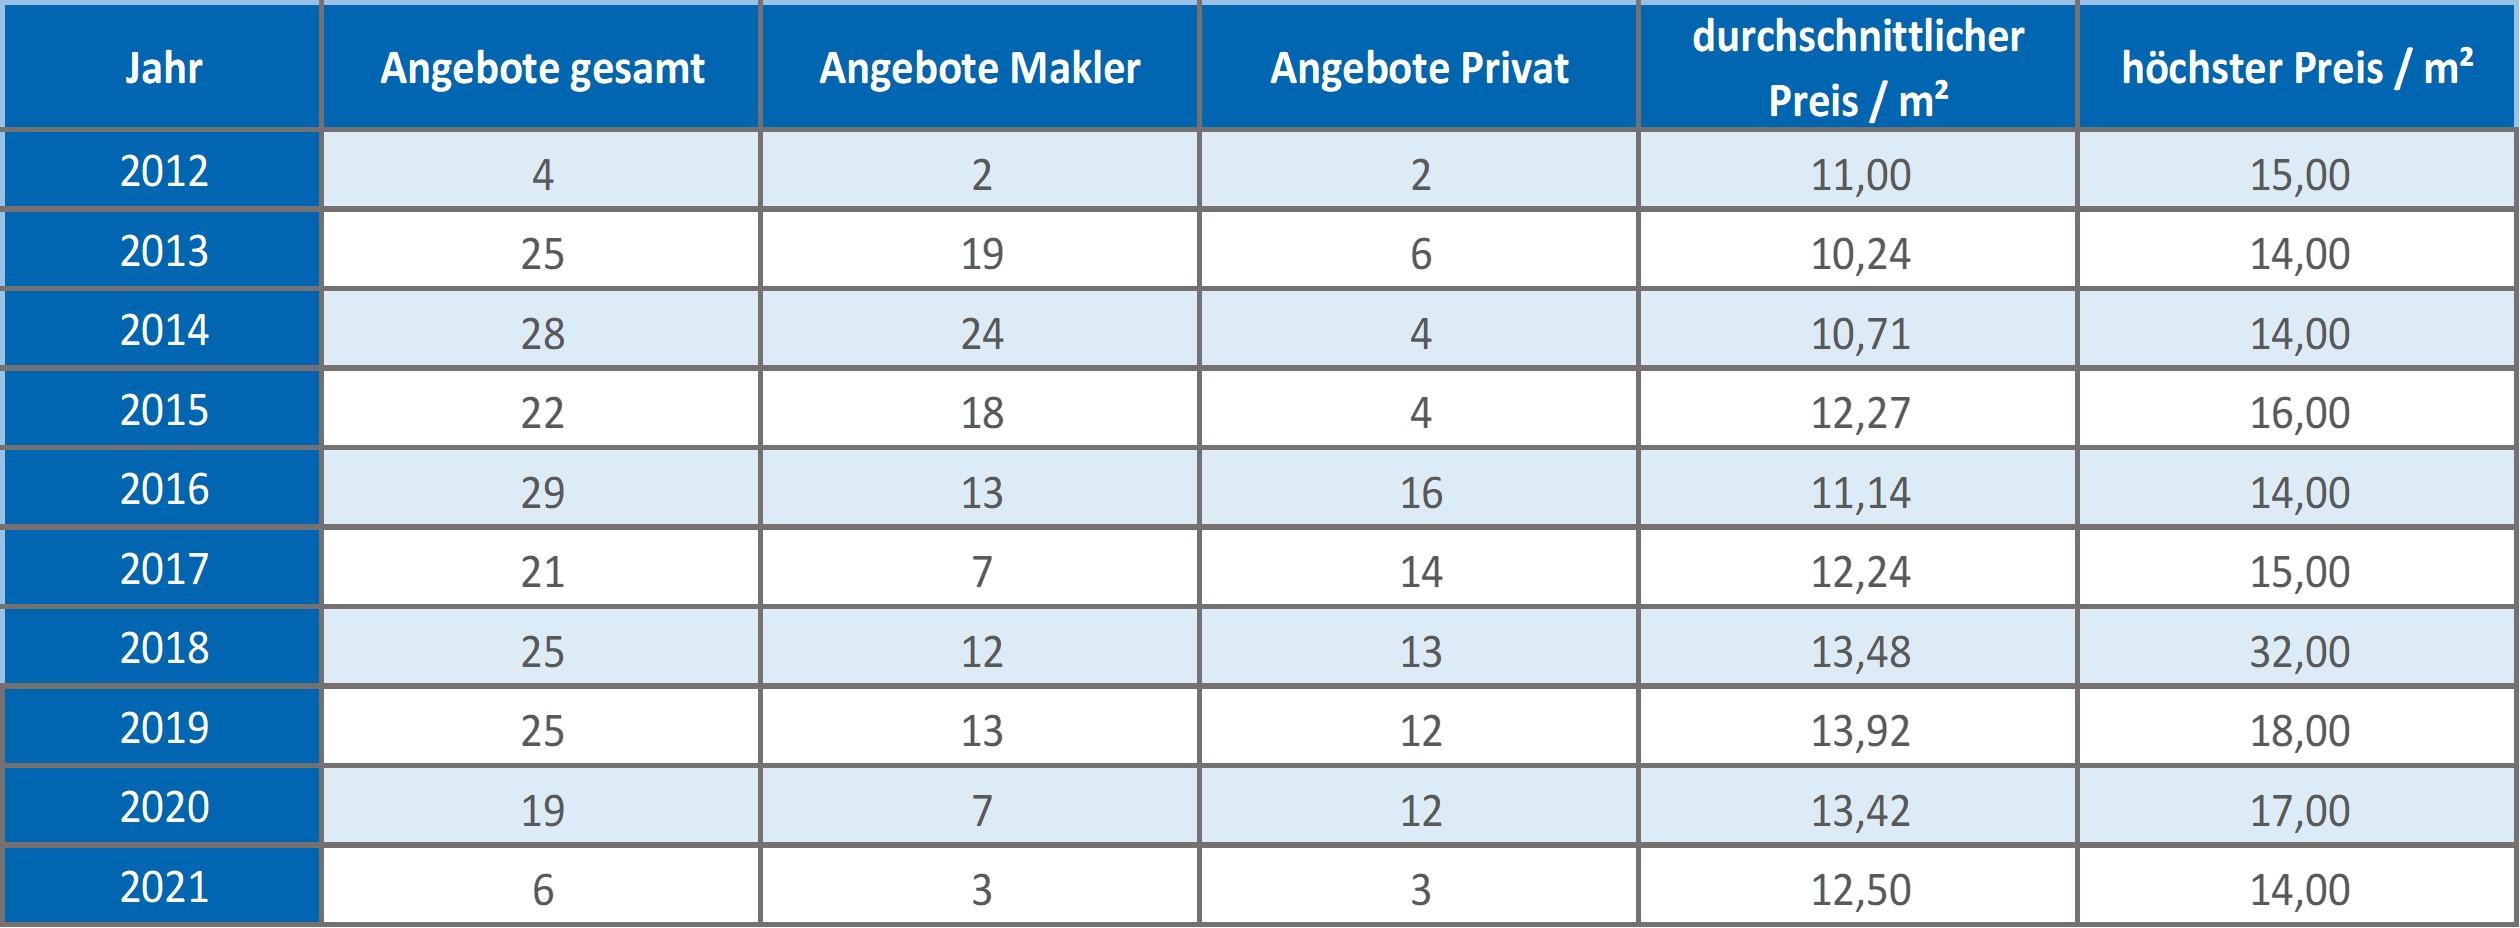 Straßlach - Dingharting mieten vermieten Preis Bewertung Makler www.happy-immo.de 2019 2020 2021